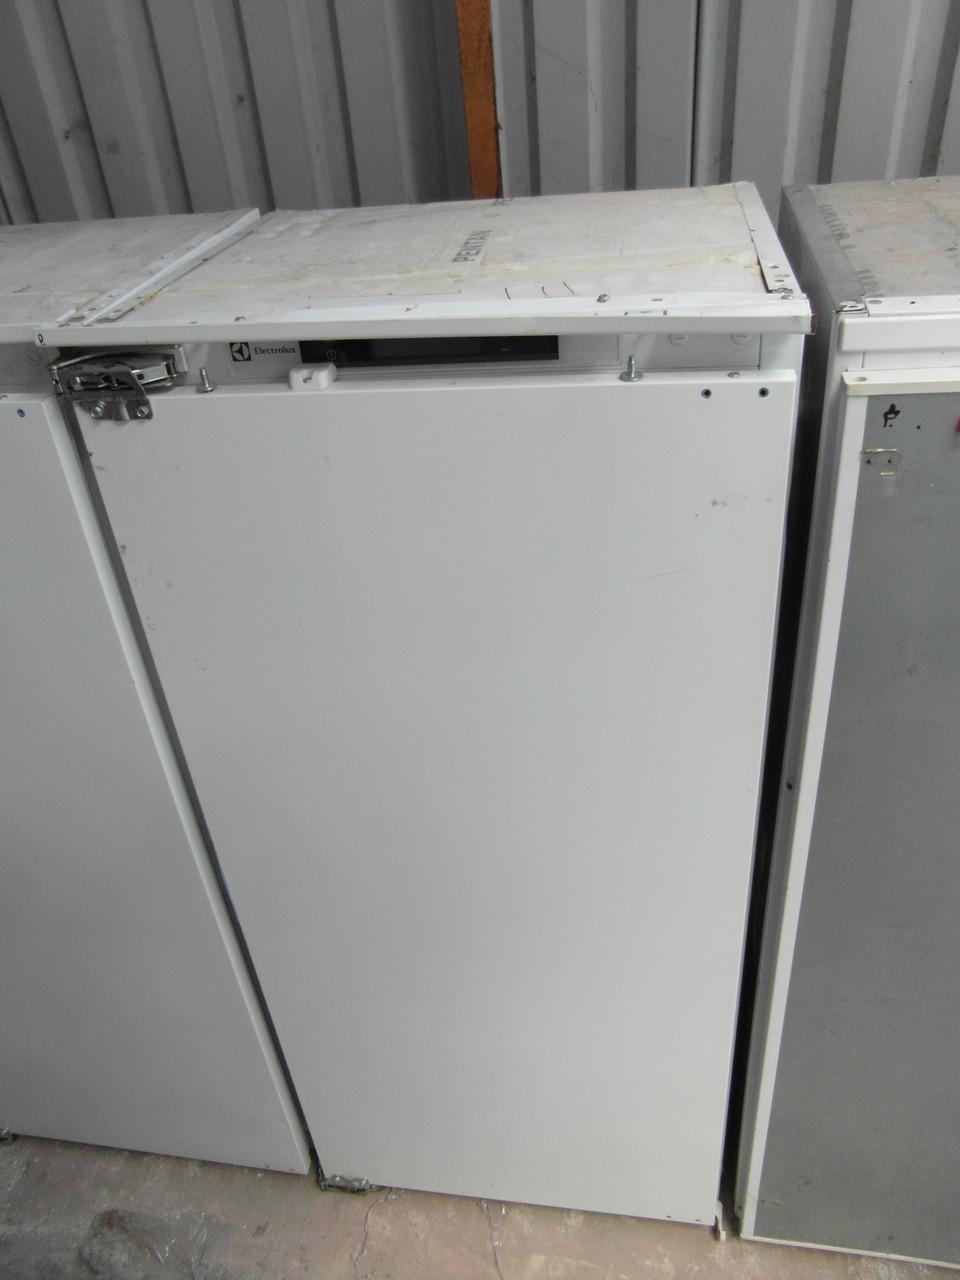 Встраиваемый холодильник Electrolux 120 см - Интернет-магазин Evroopt в Волынской области